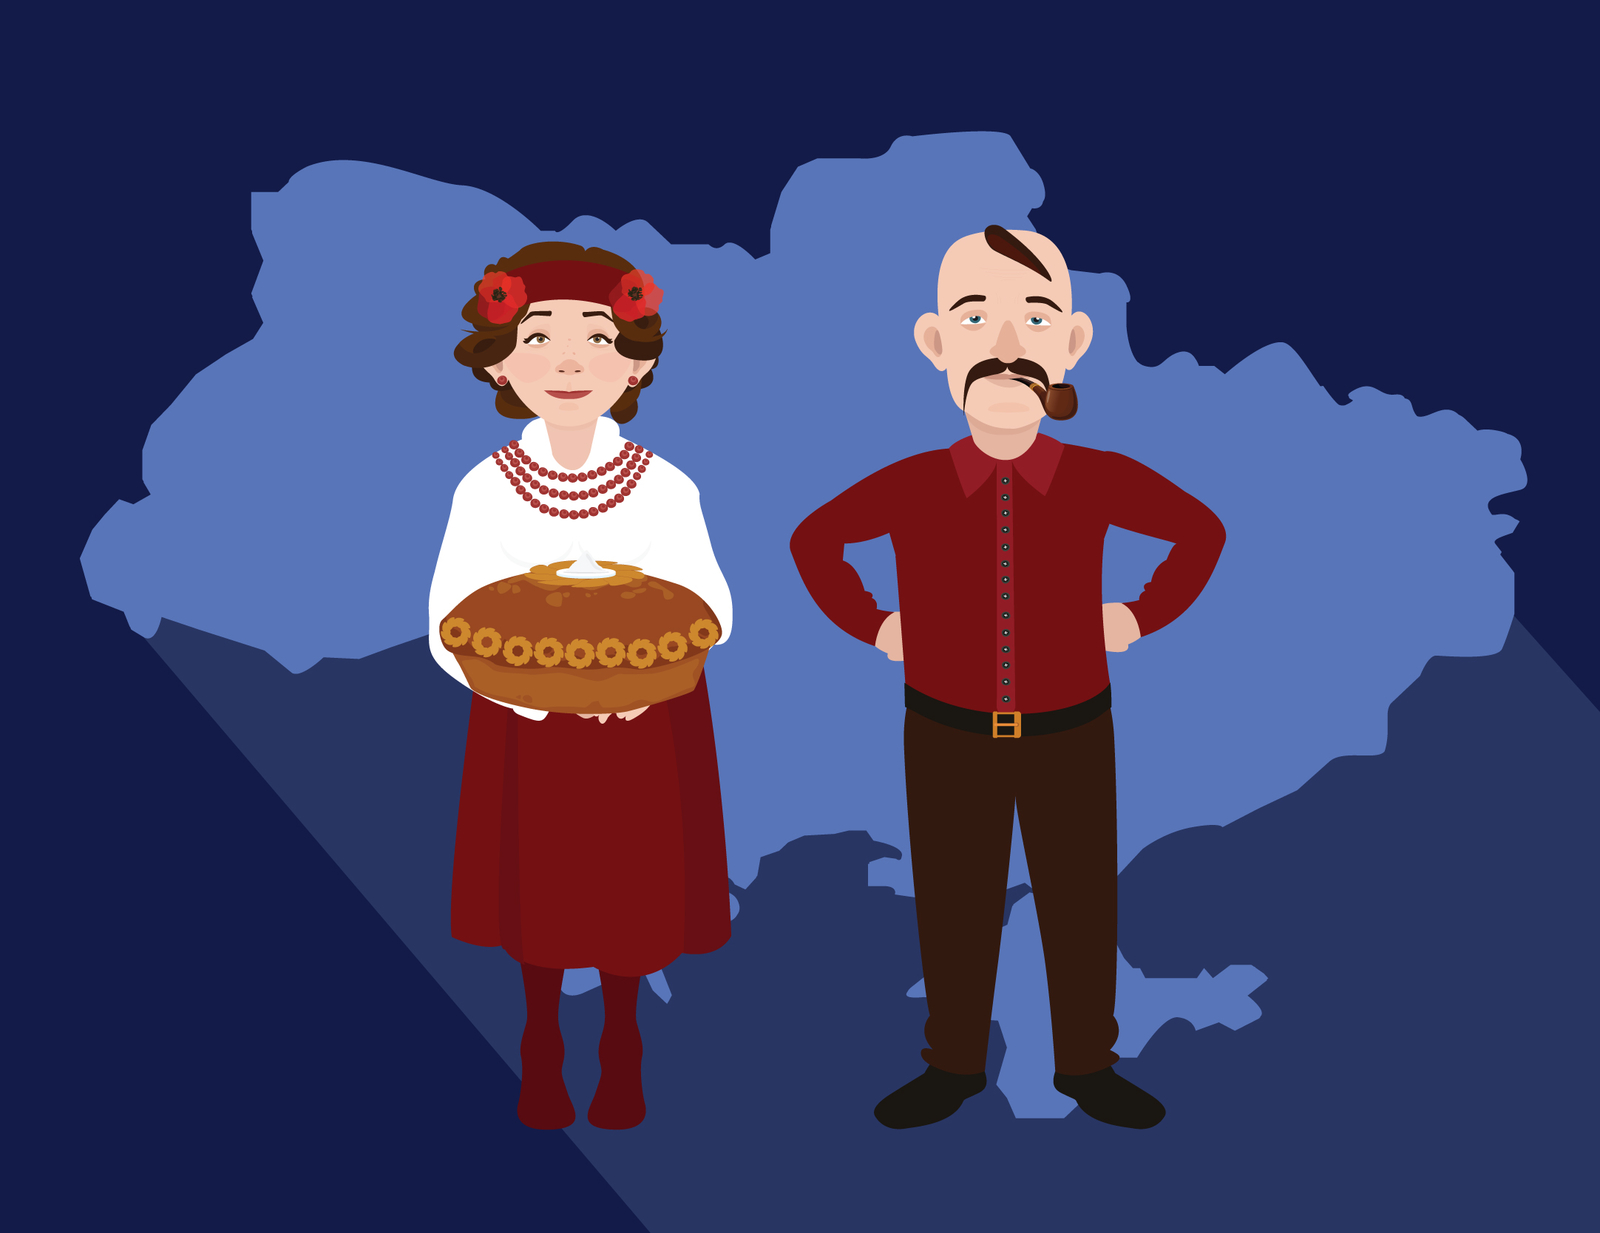 Нова туристична карта України